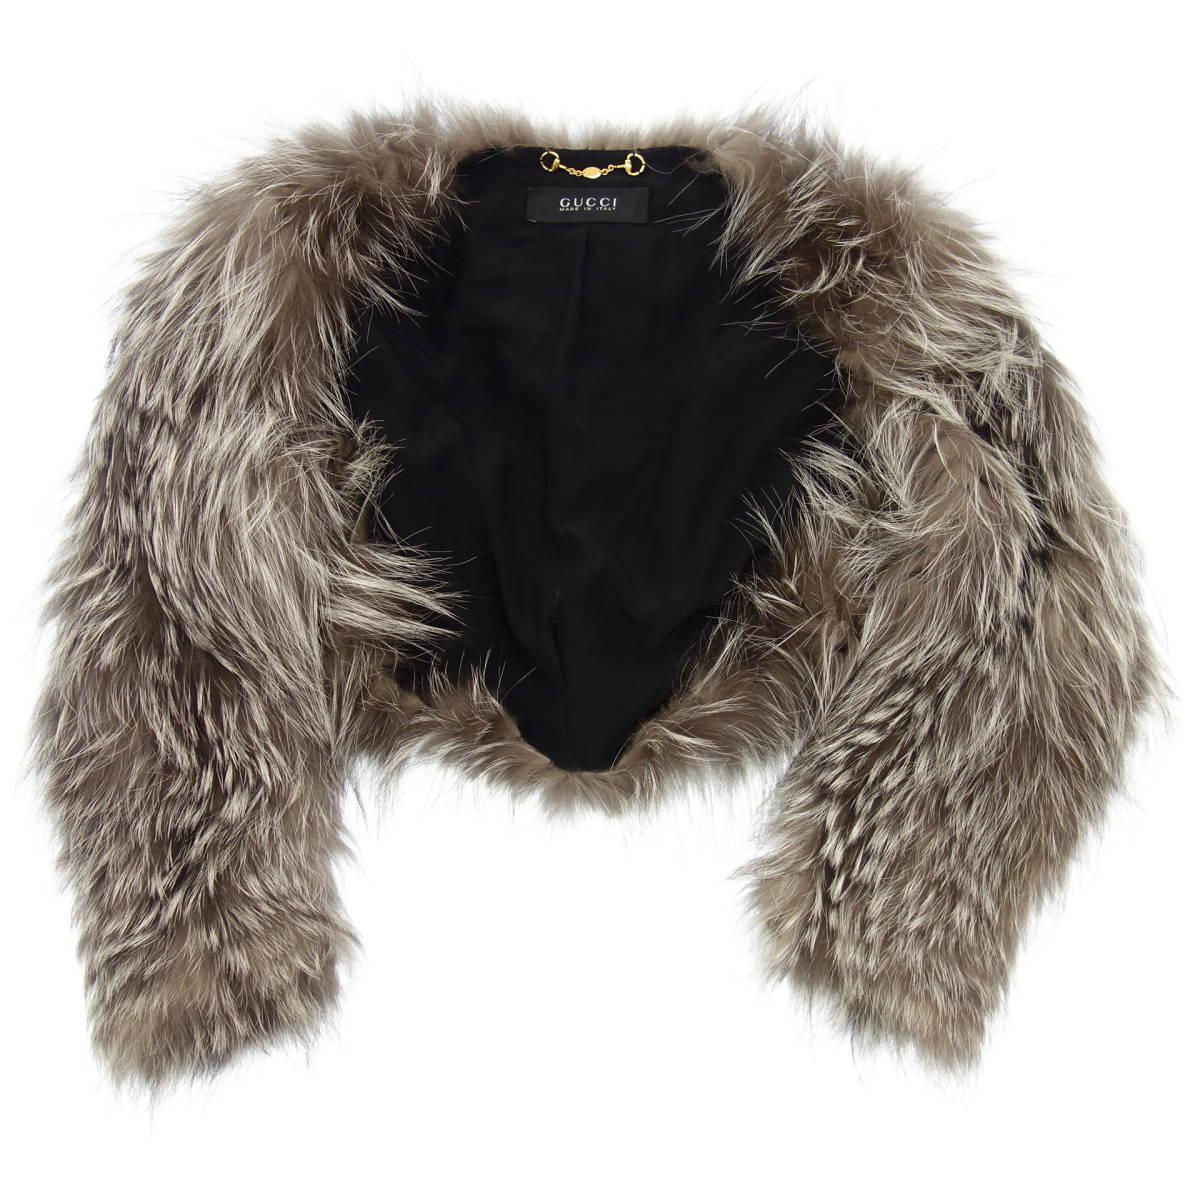 極美品◆GUCCI グッチ シルバーフォックス ショートファージャケット ボレロ 40 グレー系 毛皮 ファー